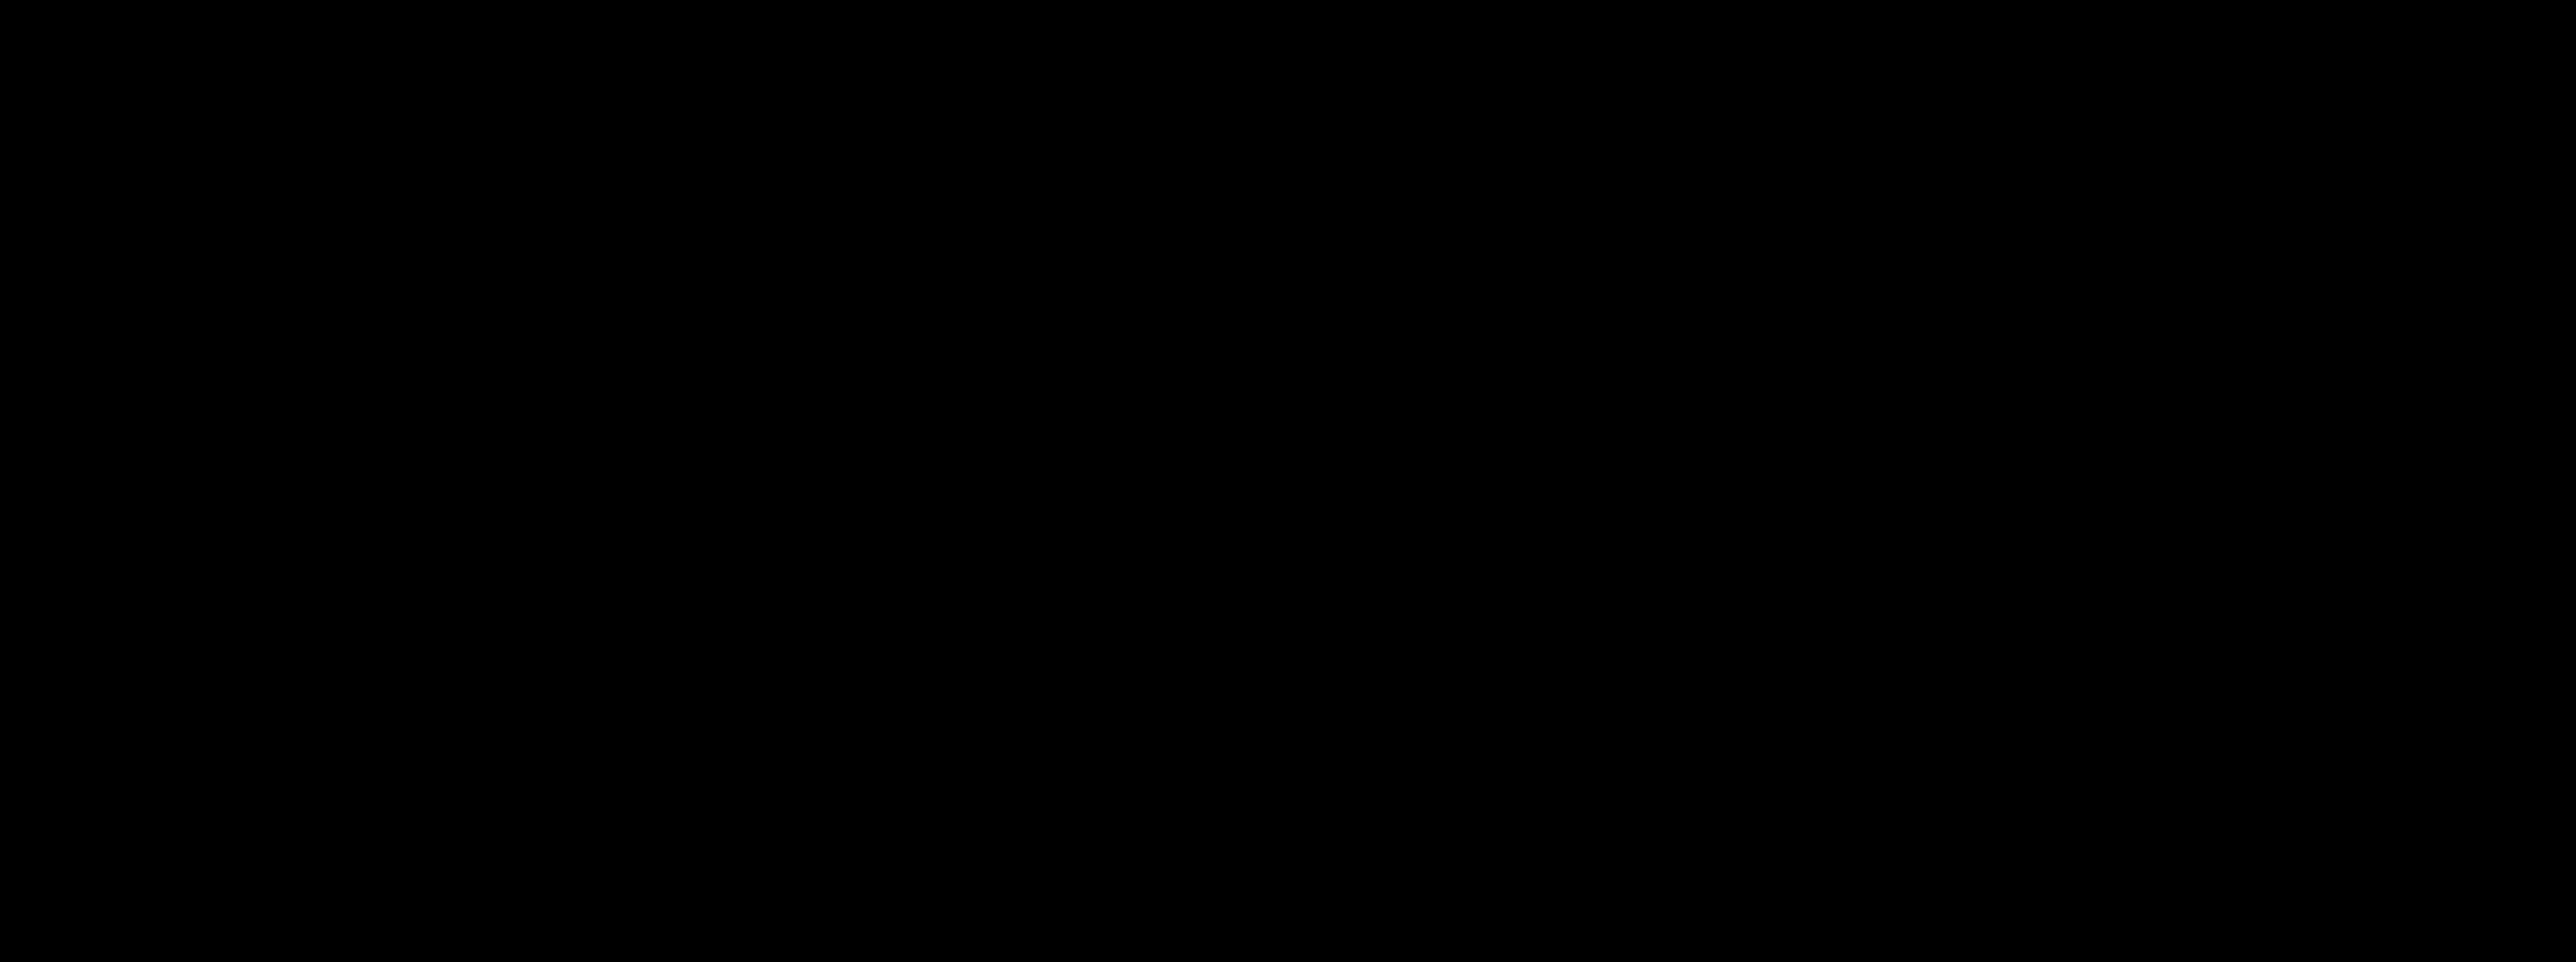 N-(4-Dansylamino)butyl-1-oleamide